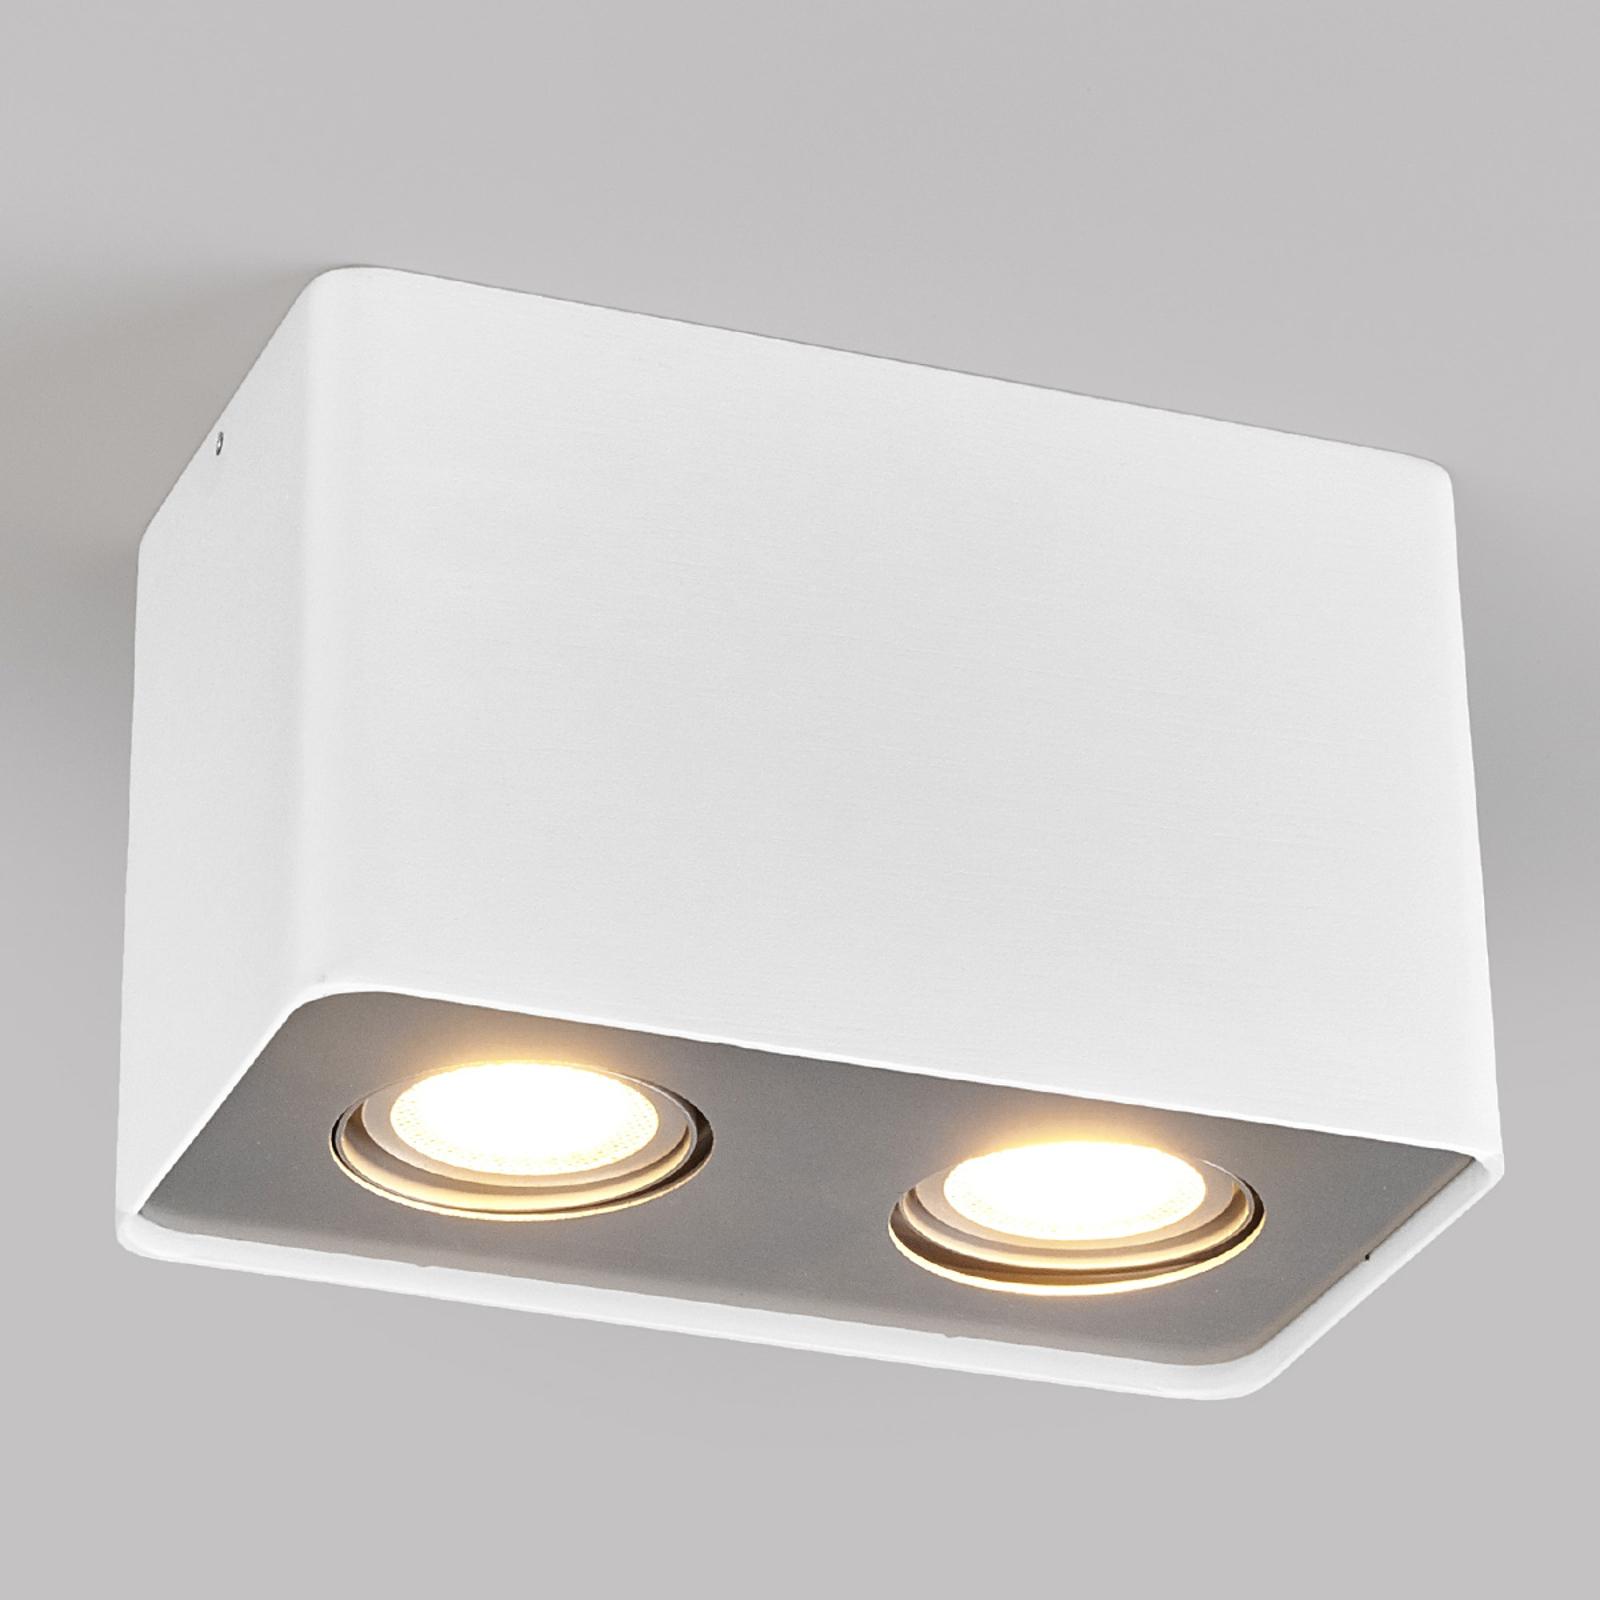 GU10-LED-Downlight Giliano, 2flg., eckig, weiß